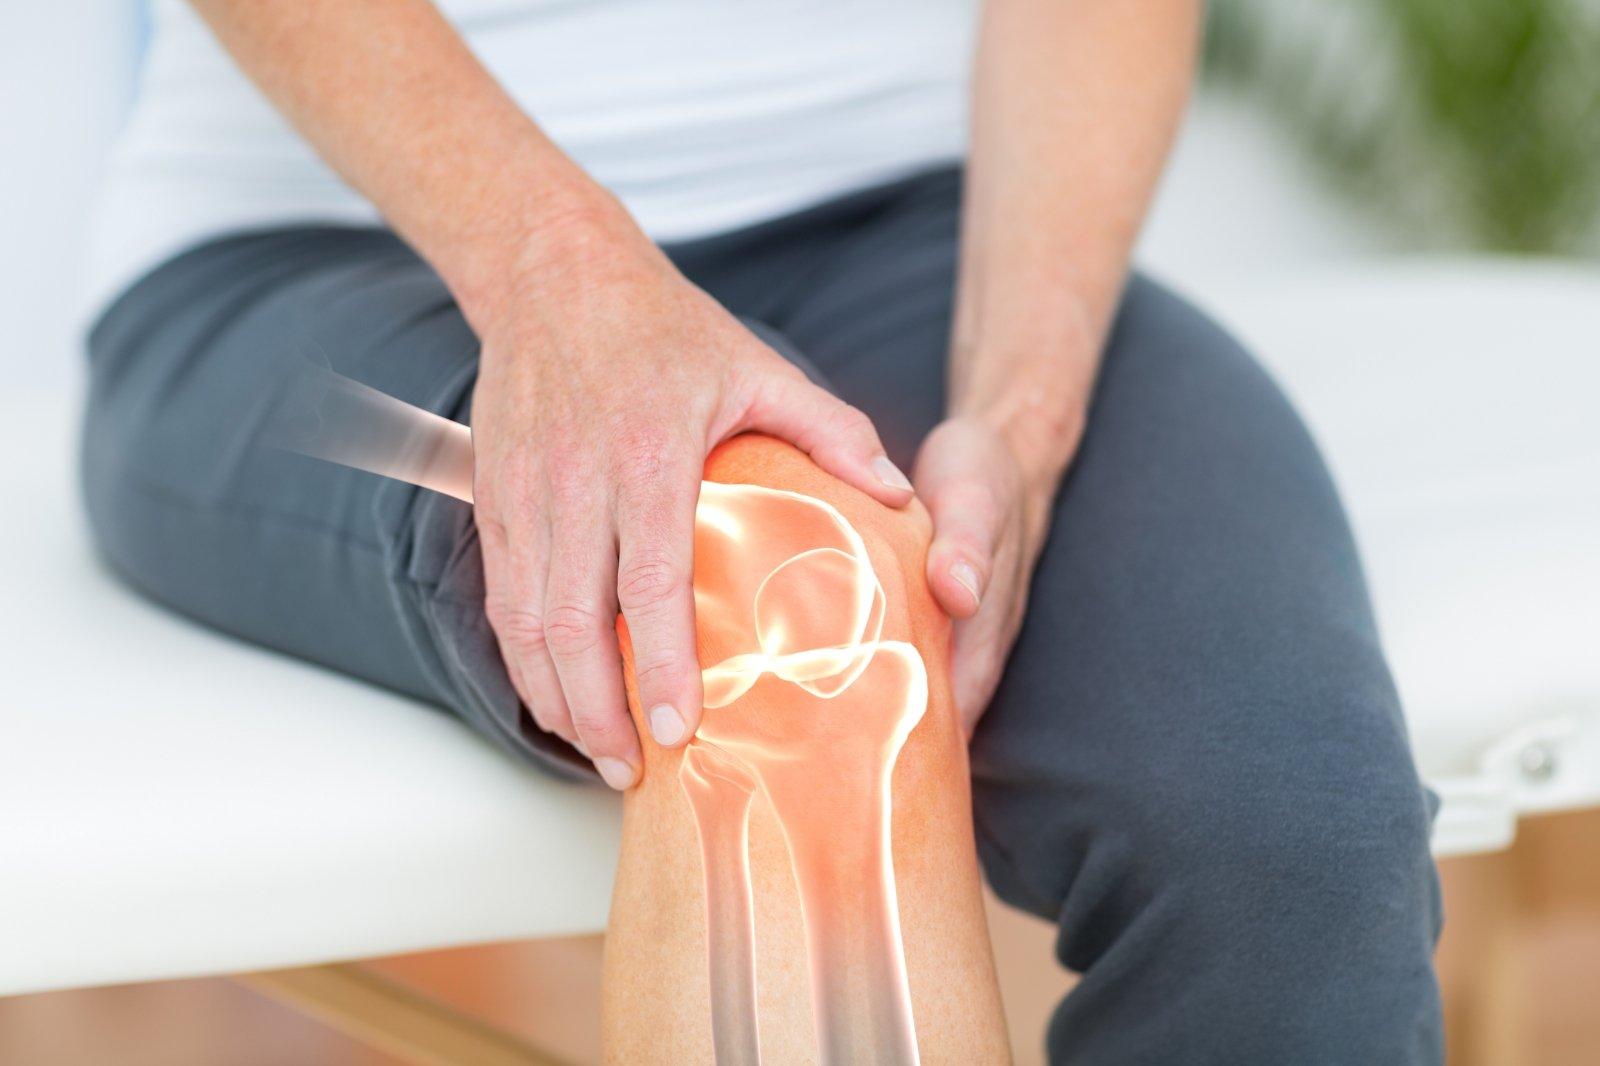 kodėl skauda sąnarį ant šlaunies tepalas sąnarių skausmas yra